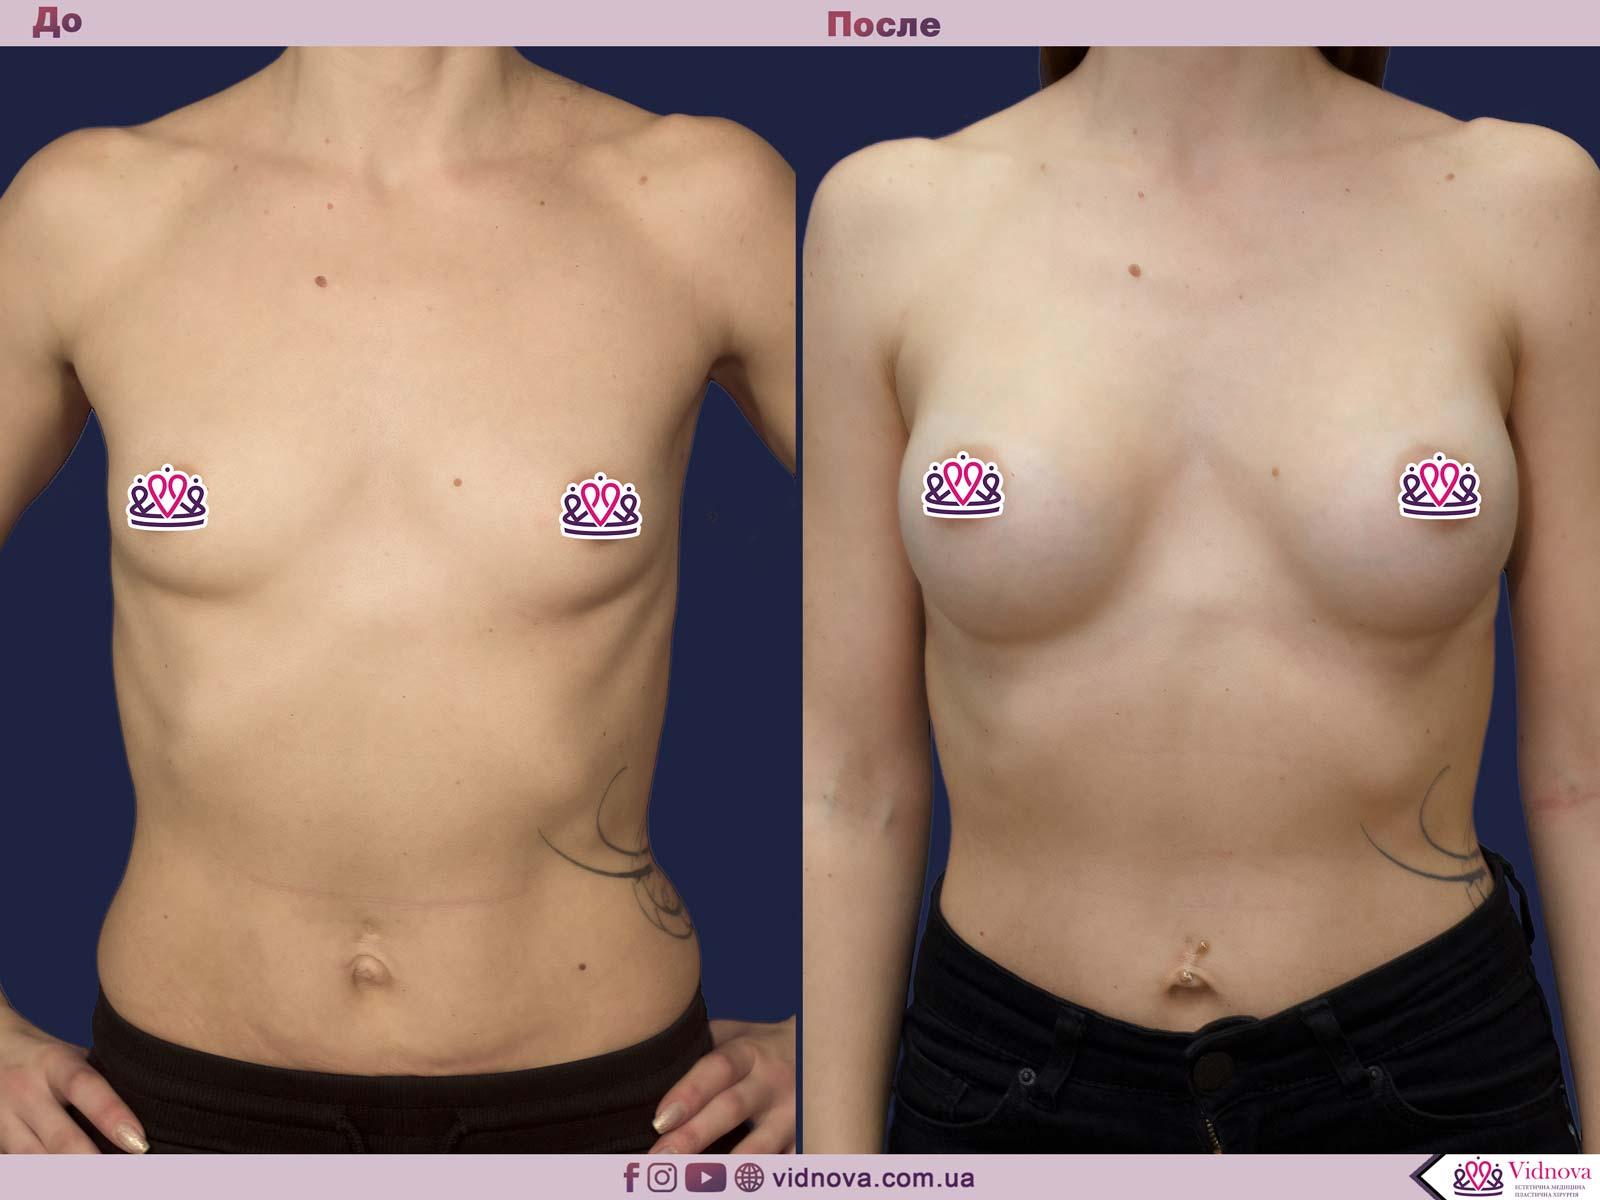 Пластика груди: результаты до и после - Пример №29-0 - Светлана Работенко